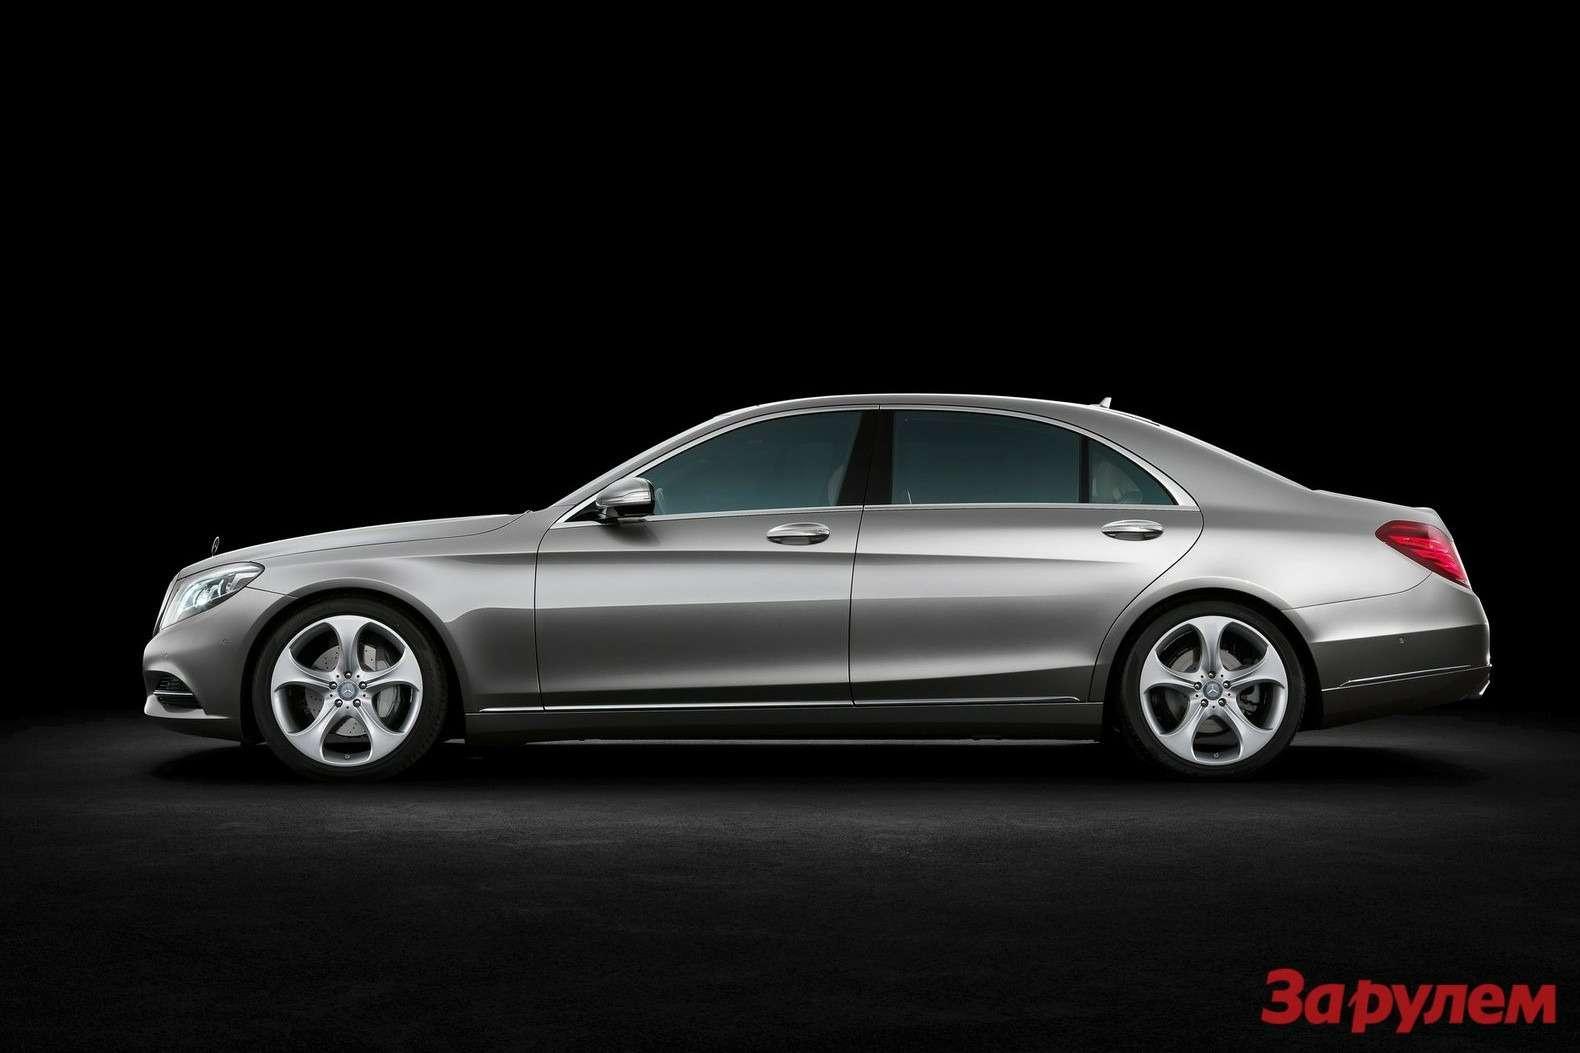 Mercedes Benz SClass 2014 1600x1200 wallpaper 22